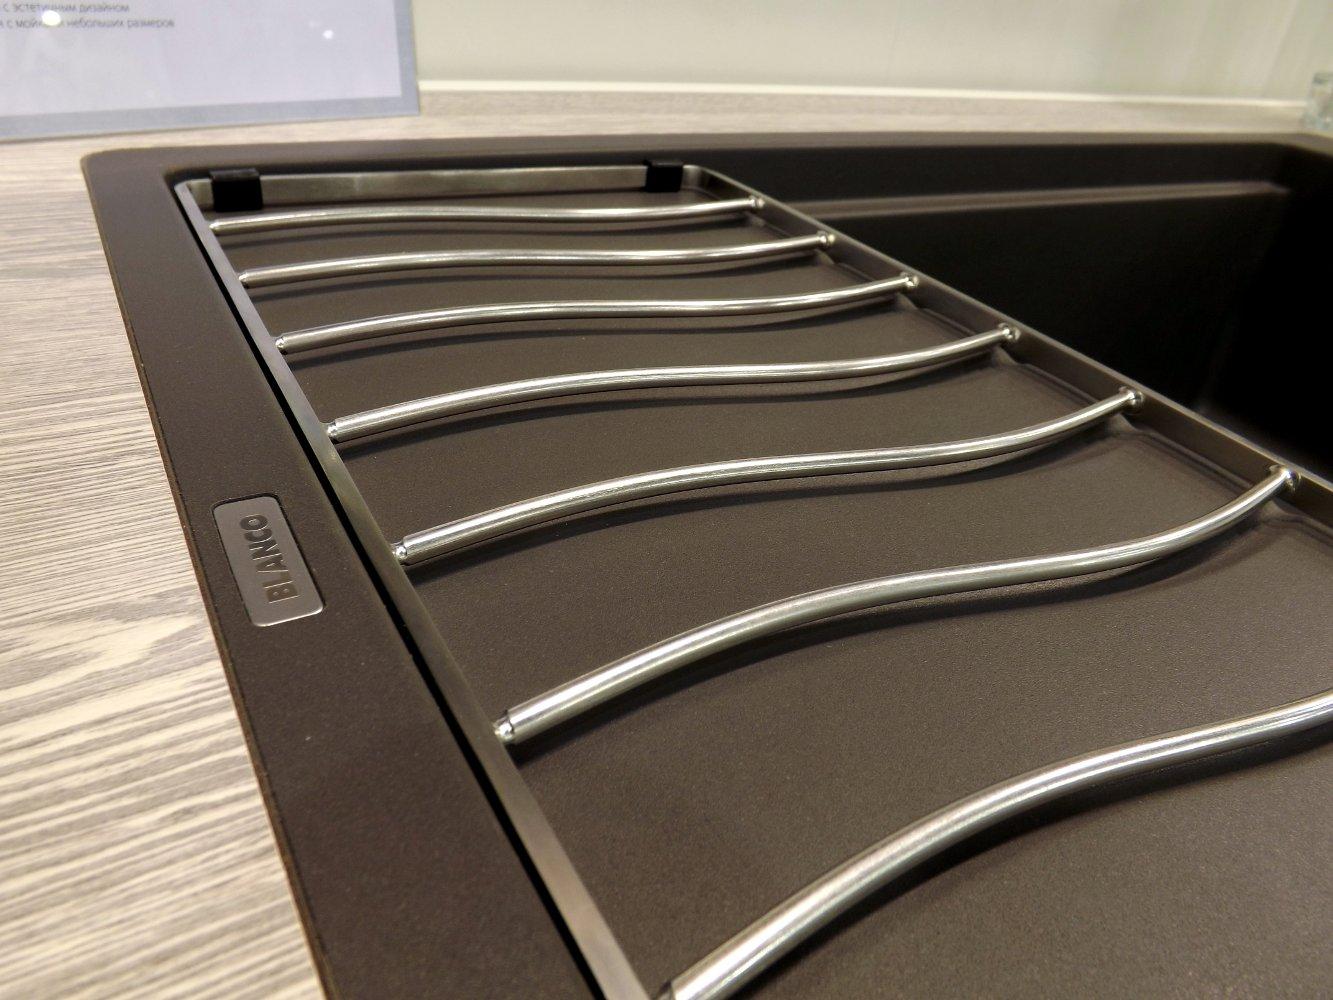 Кухонная мойка ELON XL 6 S-F и смеситель ALTA-S Compact. Вид Б